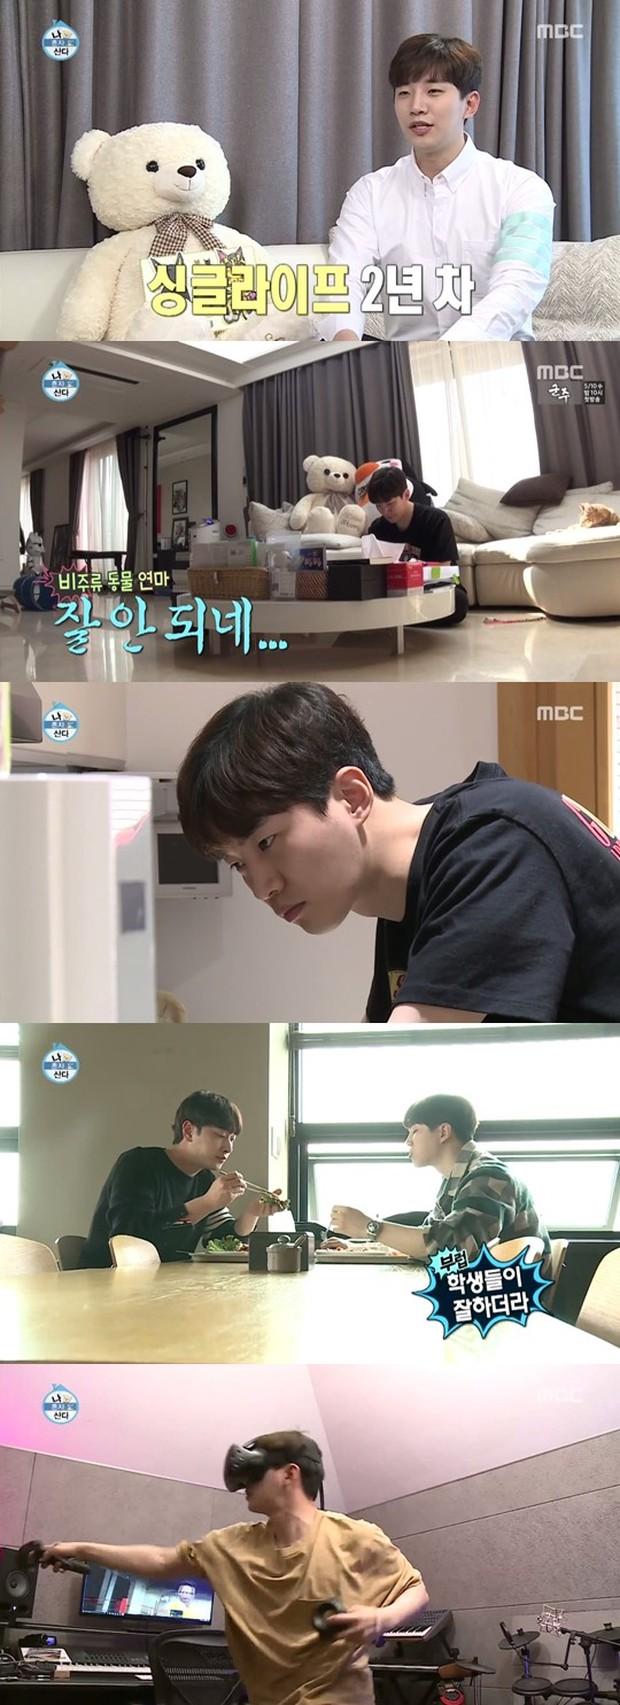 Trước loạt tin nghệ sĩ phạm pháp, Knet tức giận ném đá Seungri (BIGBANG), Key (SHINee) vì khoe mẽ nhà cửa - Ảnh 6.